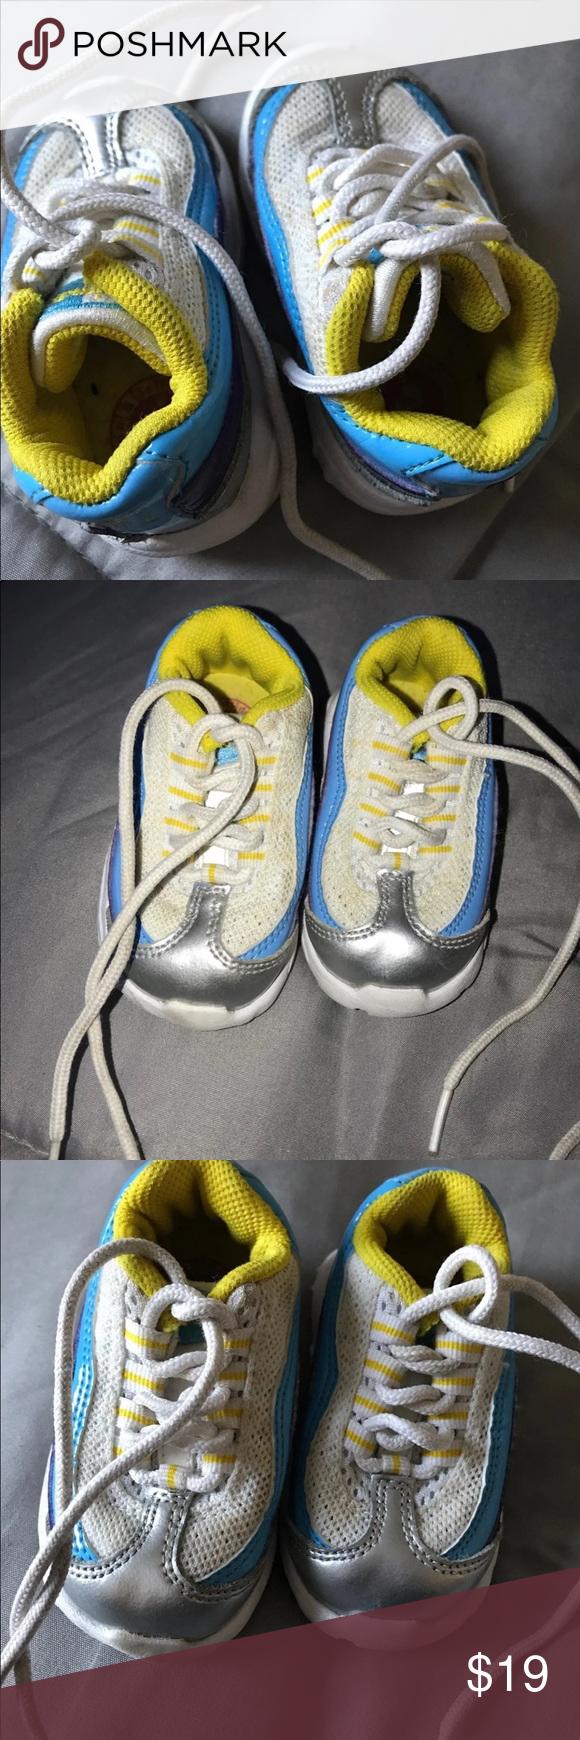 3c baby sneakers